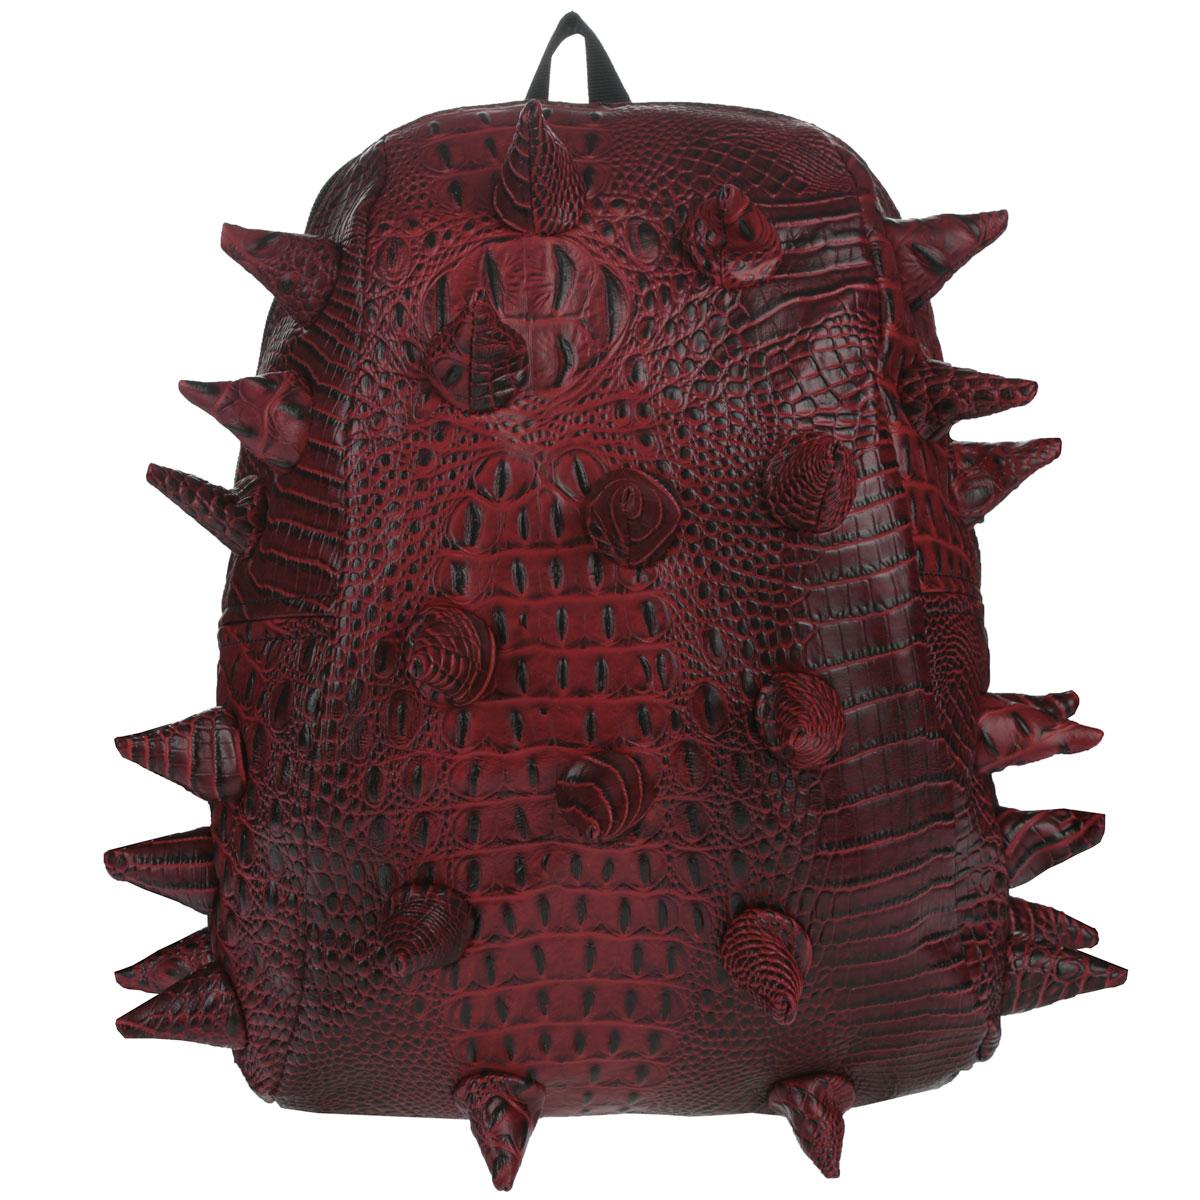 """Рюкзак городской MadPax Gator Half, цвет: красный, 16 лMABLSEH10001Городской рюкзак MadPax Gator Half - это стильный и практичный аксессуар, уместный в ритме большого города. Верх рюкзака выполнен из 100% поливинила с тиснением под рептилию, шипы придают изделию неповторимый дизайн. Подкладка изготовлена из нейлона. Рюкзак имеет одно основное отделение, которое закрывается на застежку-молнию. Внутри поместится ноутбук с диагональю 13"""", iPad и бумаги формата А4. Также внутри содержится небольшой карман на молнии для мелких вещей. Модель оснащена ручкой для переноски в руке, а также мягкими и широкими плечевыми лямками, которые можно регулировать по длине. Полностью вентилируемая ортопедическая спинка создает дополнительный комфорт вашей спине. Сзади расположен кармашек из прозрачного ПВХ для визитки. MadPax - это крутые рюкзаки в стиле фанк, которые своим неповторимым дизайном бросают вызов монотонности и скуке. Эти уникальные рюкзаки помогают детям всех возрастов самовыражаться, а их внутренняя структура с отделениями, карманами и застежками-молниями делает их невероятно практичными. Материал: поливинил, нейлон, пластик, металл."""